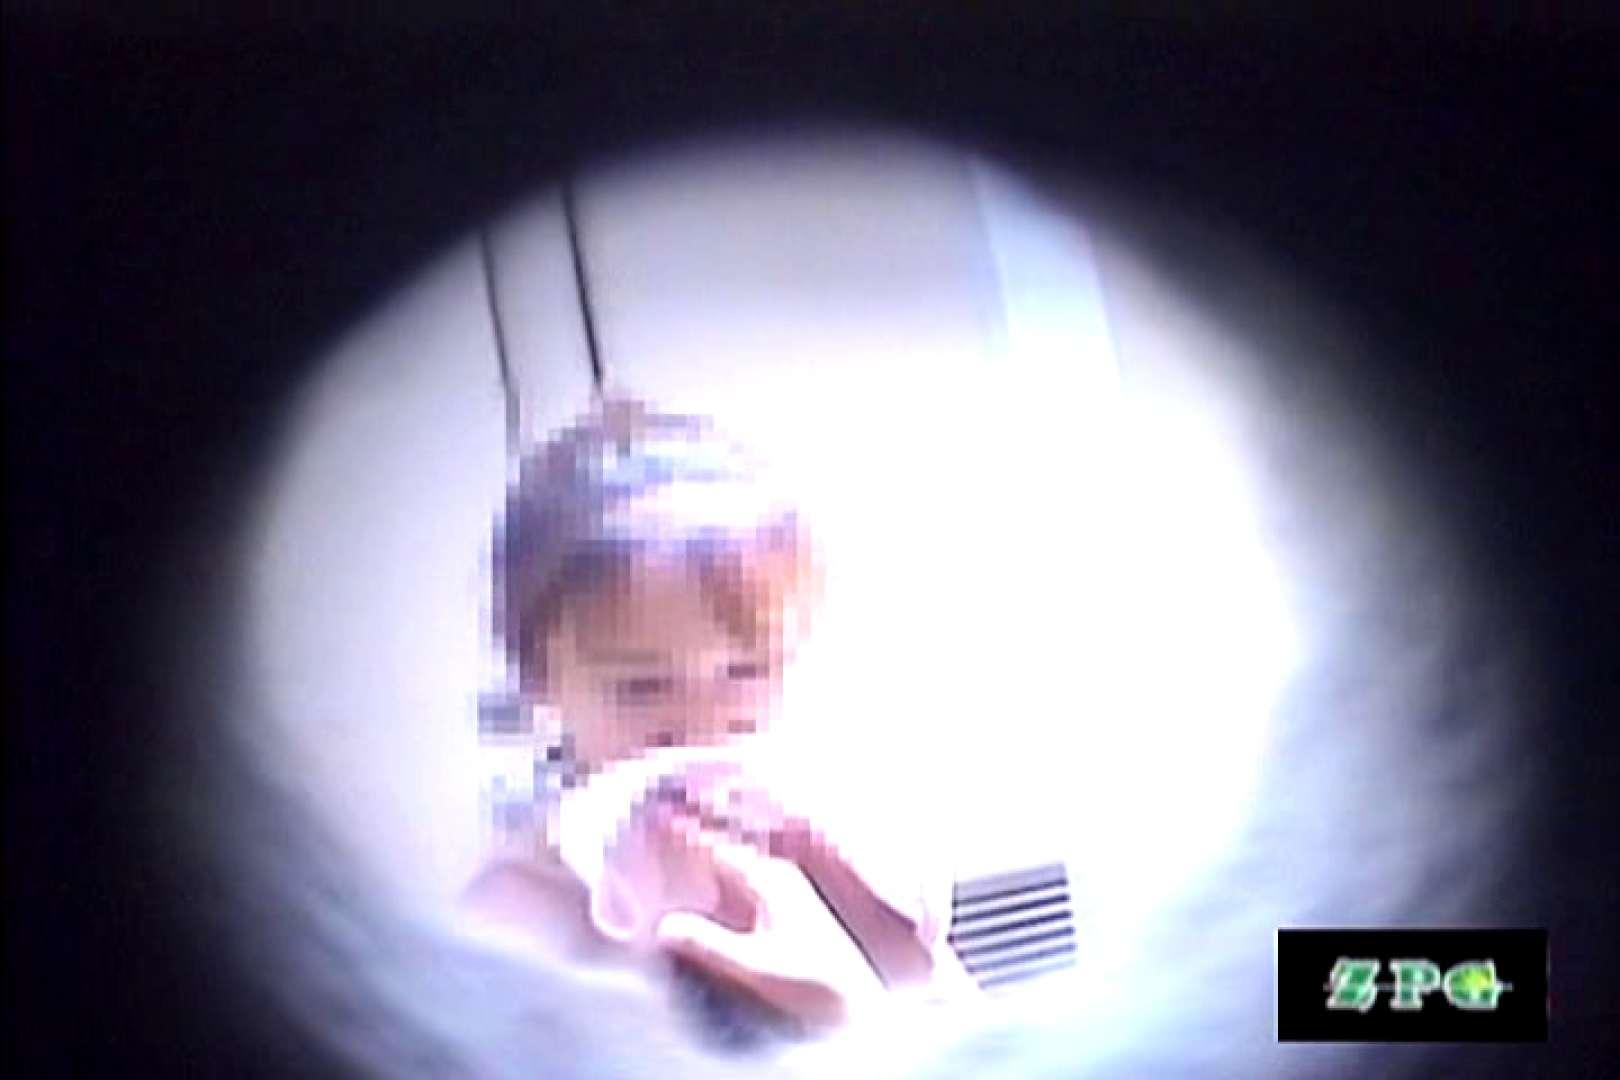 真夏のビーチ!!和式洗面所の穴rba01 覗き おまんこ動画流出 112pic 9